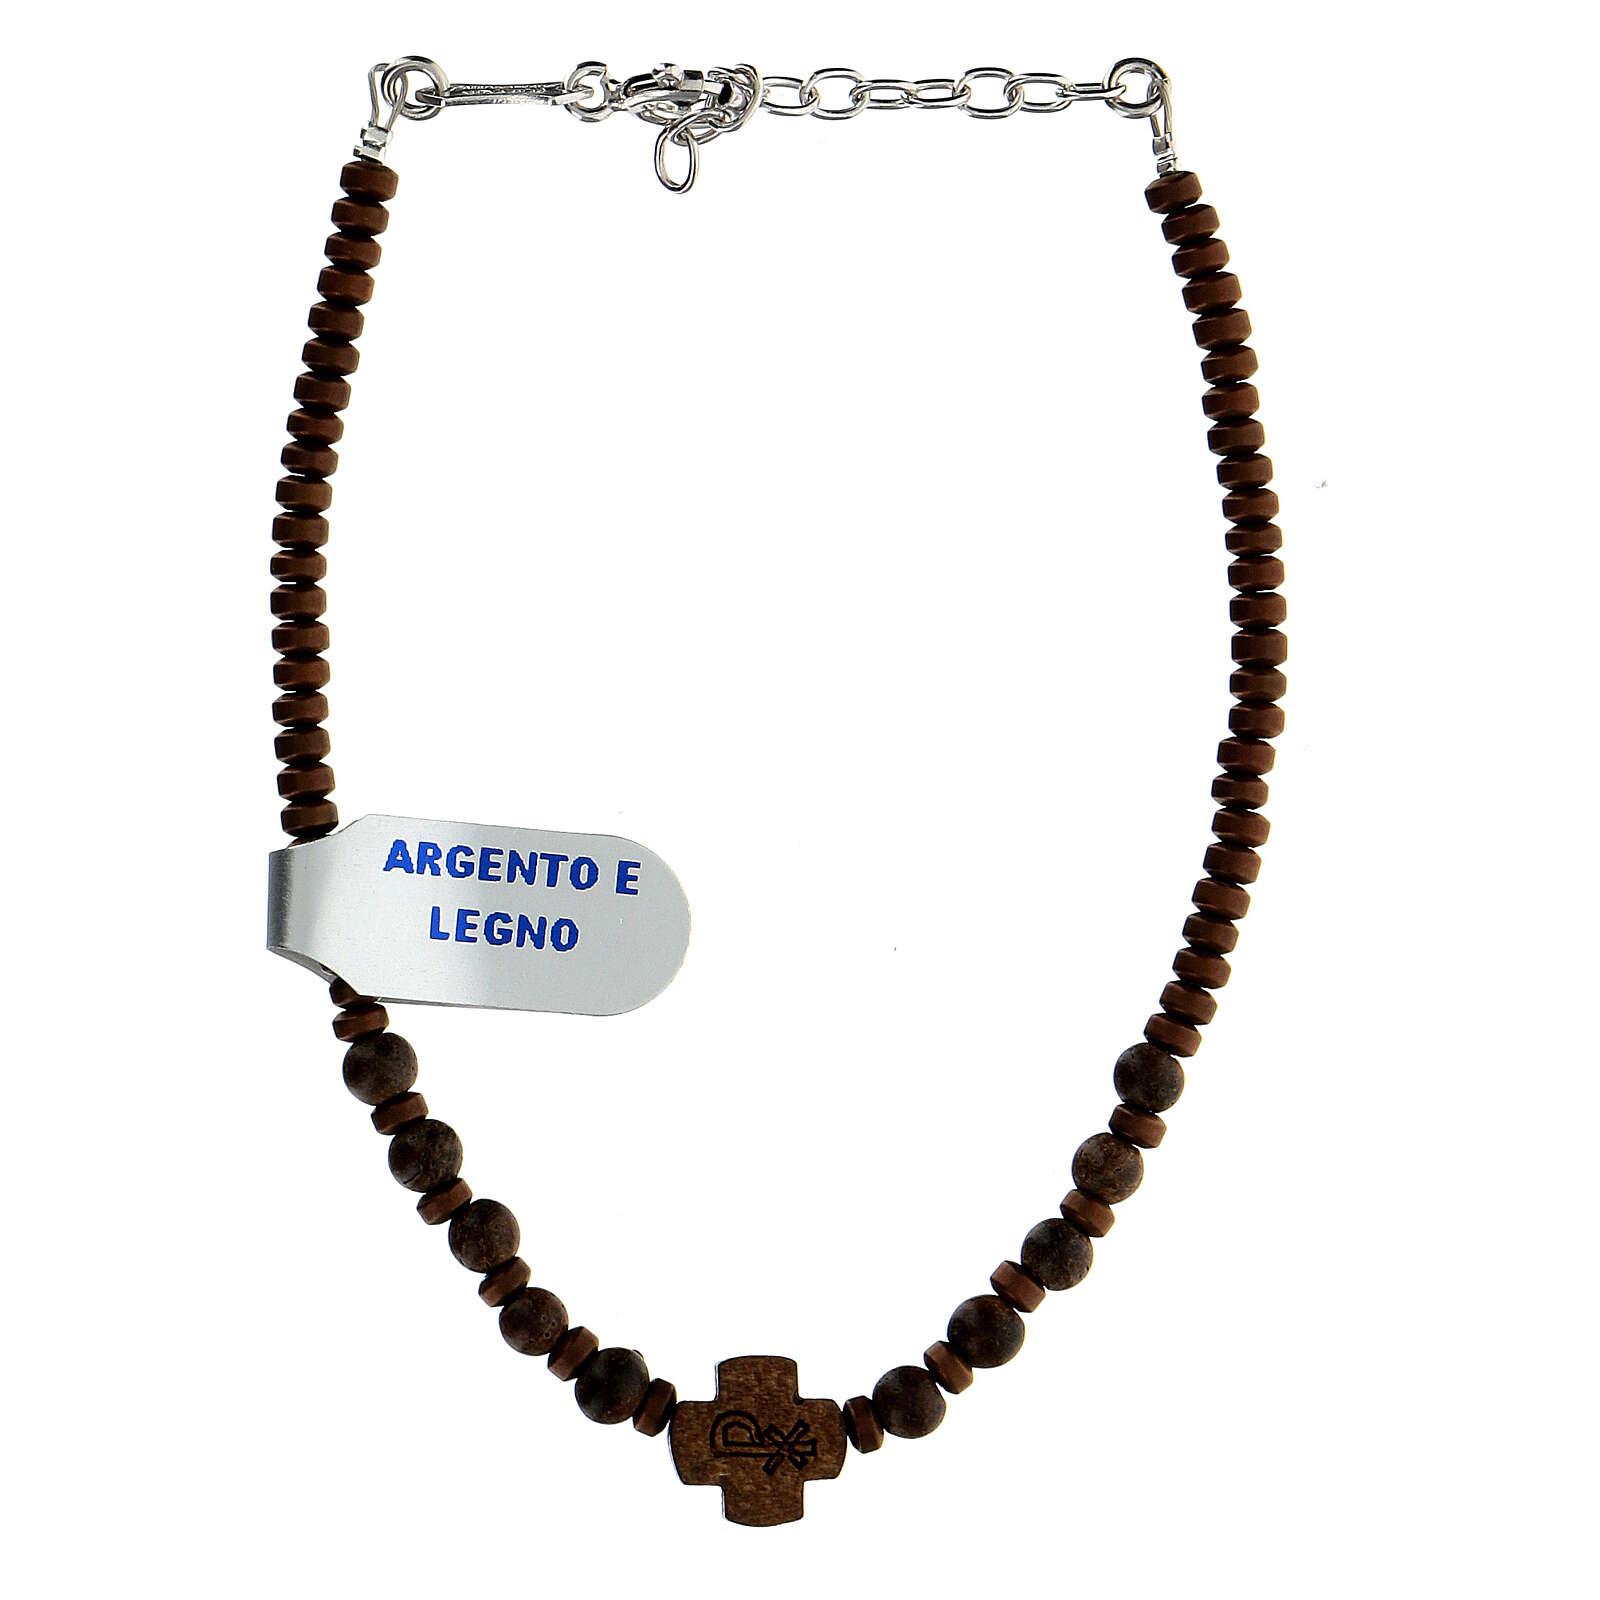 Bracciale legno croce XP perline ematite argento 925 4